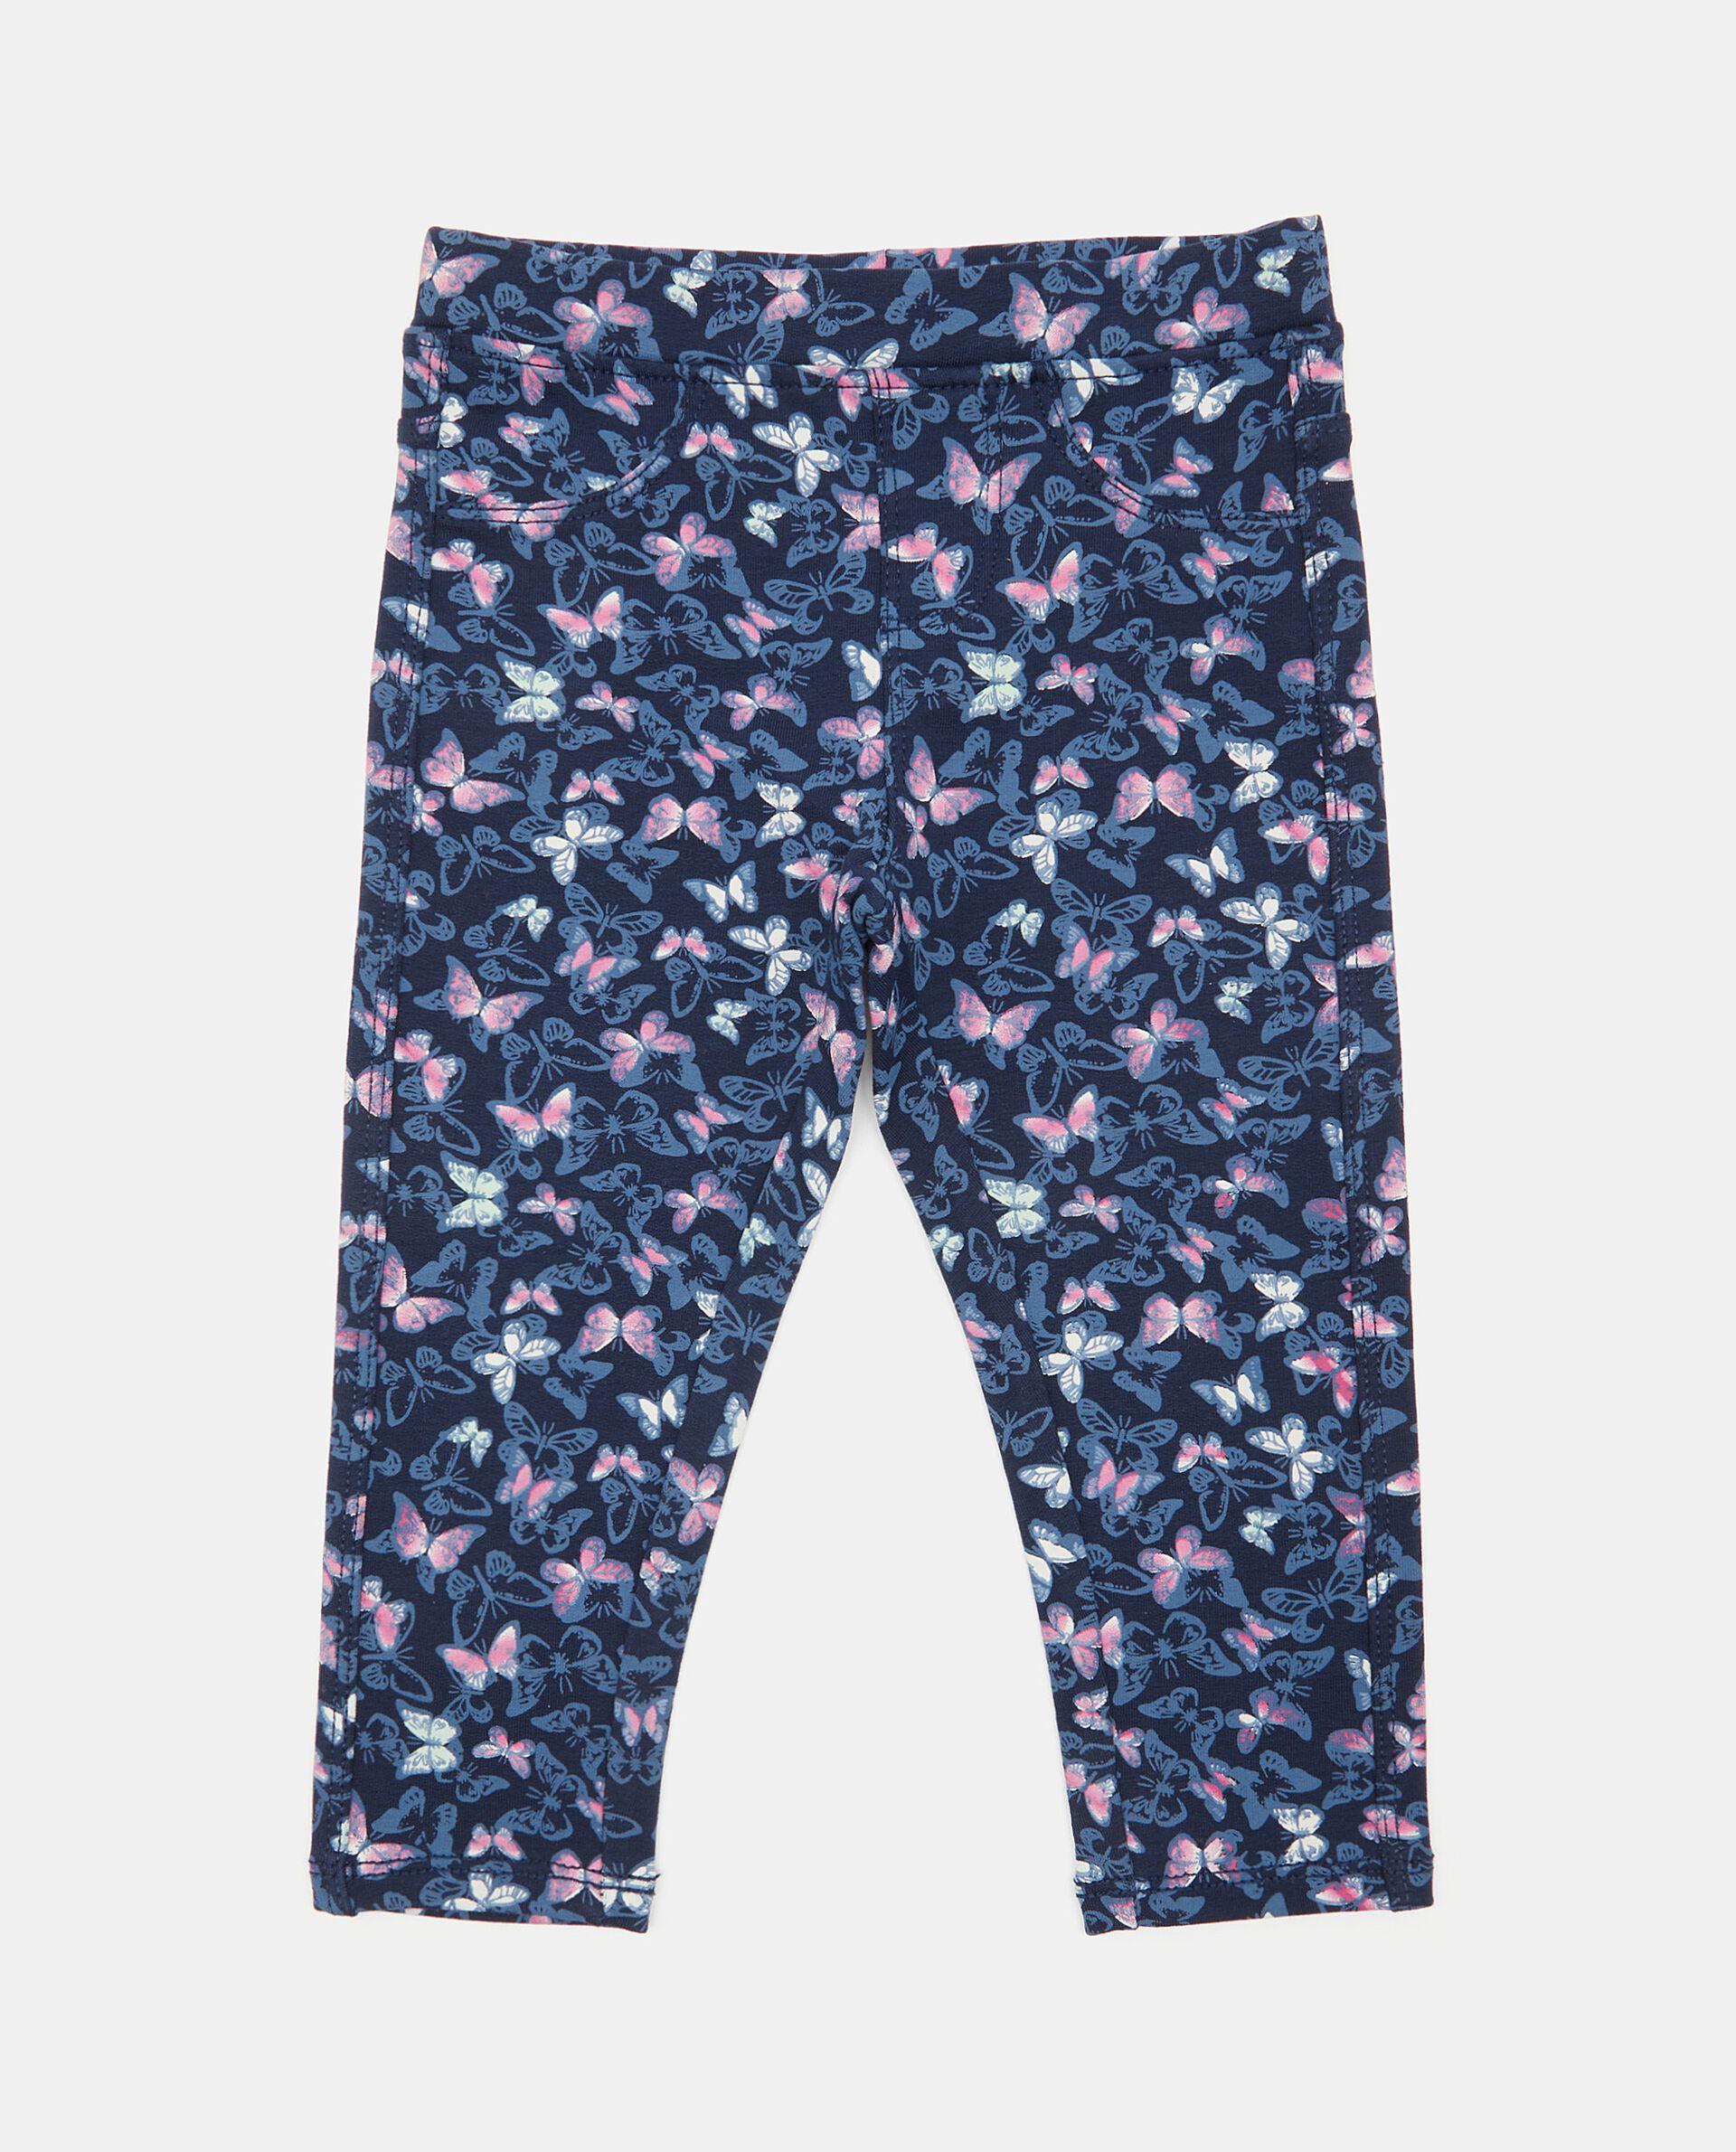 Pantaloni in cotone elasticato con fantasia farfalle neonata